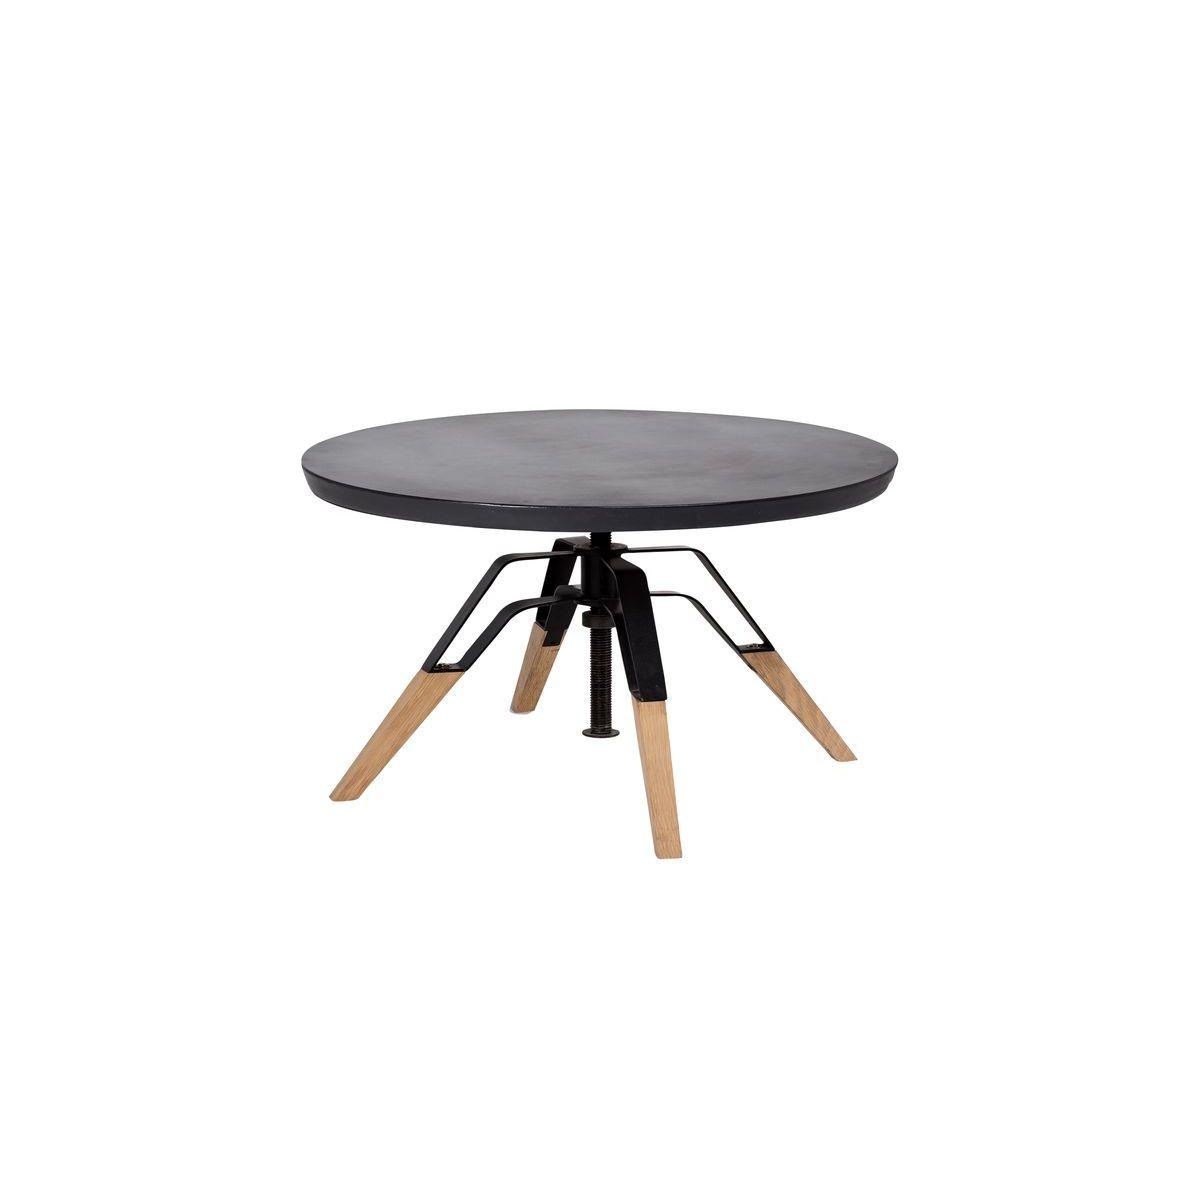 Table d'appoint en béton noir et pied en chêne